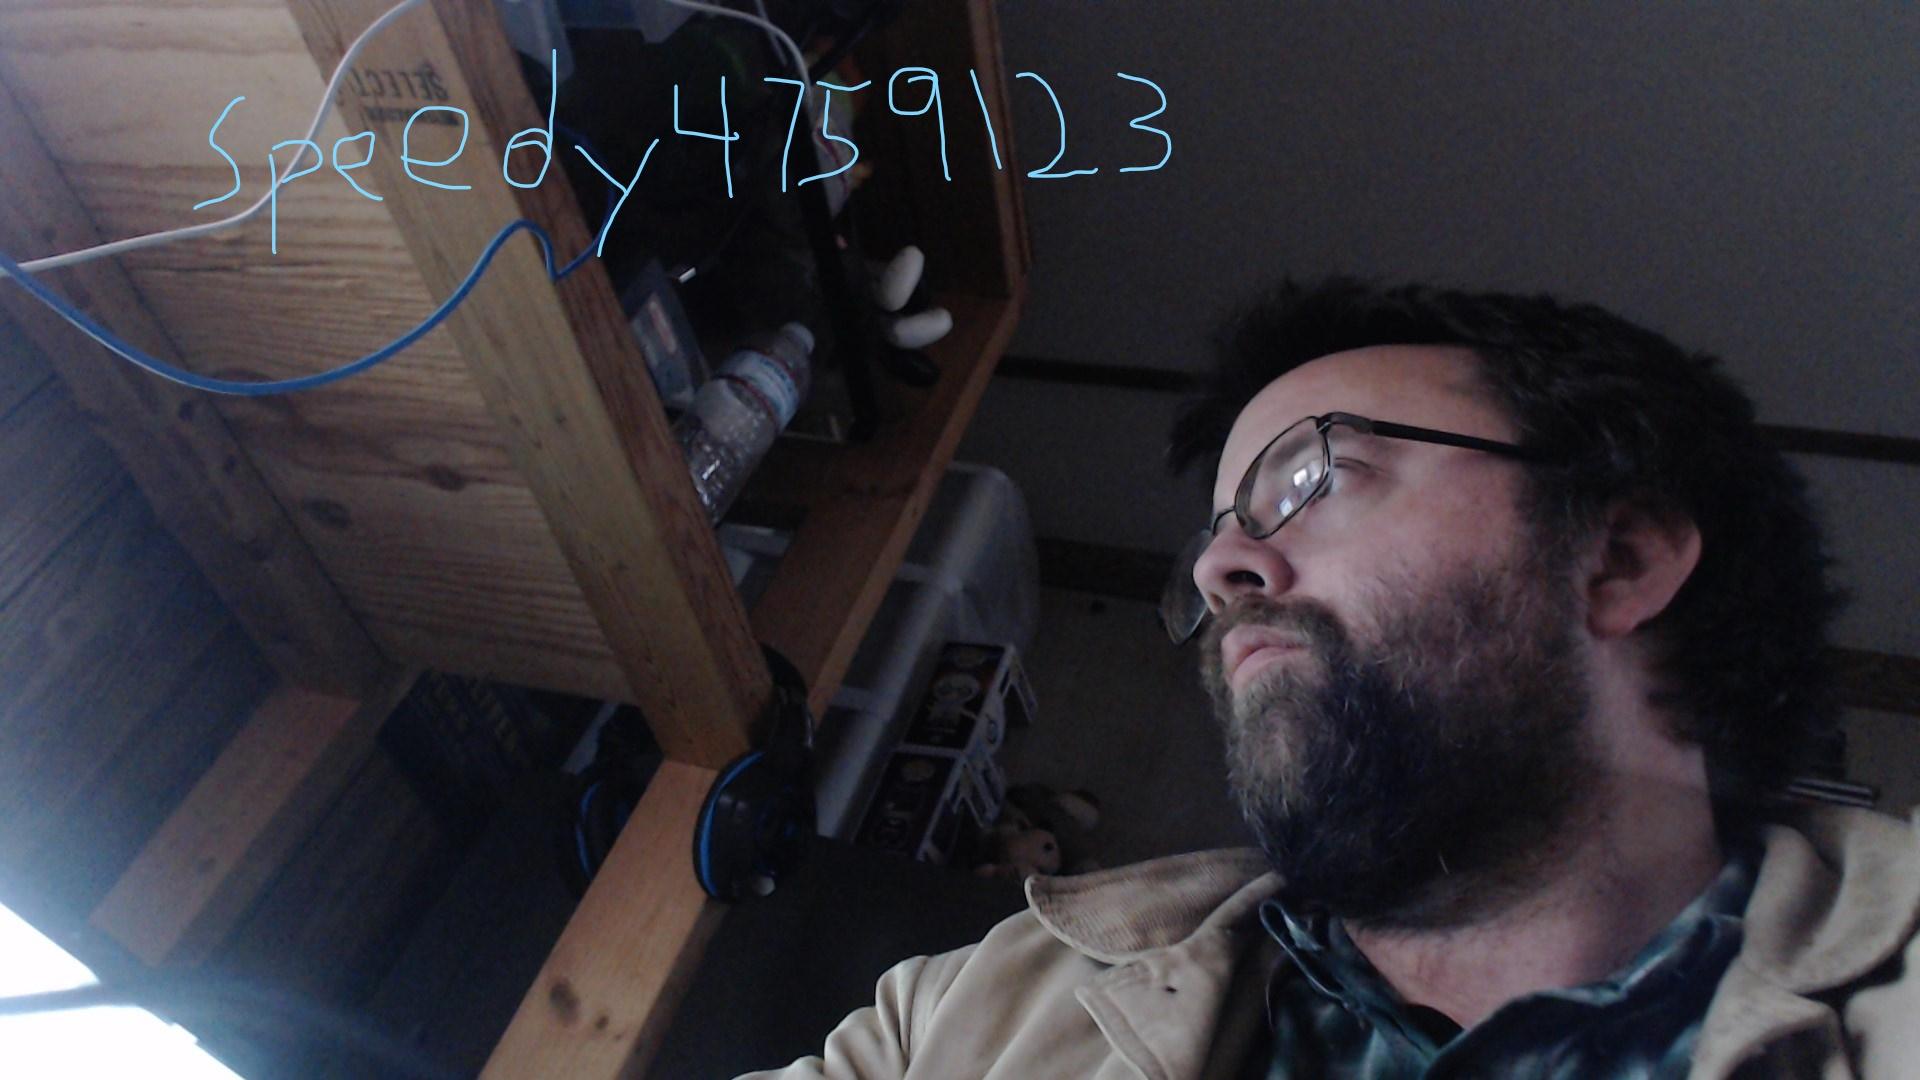 speedy4759123: Bejeweled HD [Butterflies] (iOS) 704,300 points on 2019-02-23 21:32:59